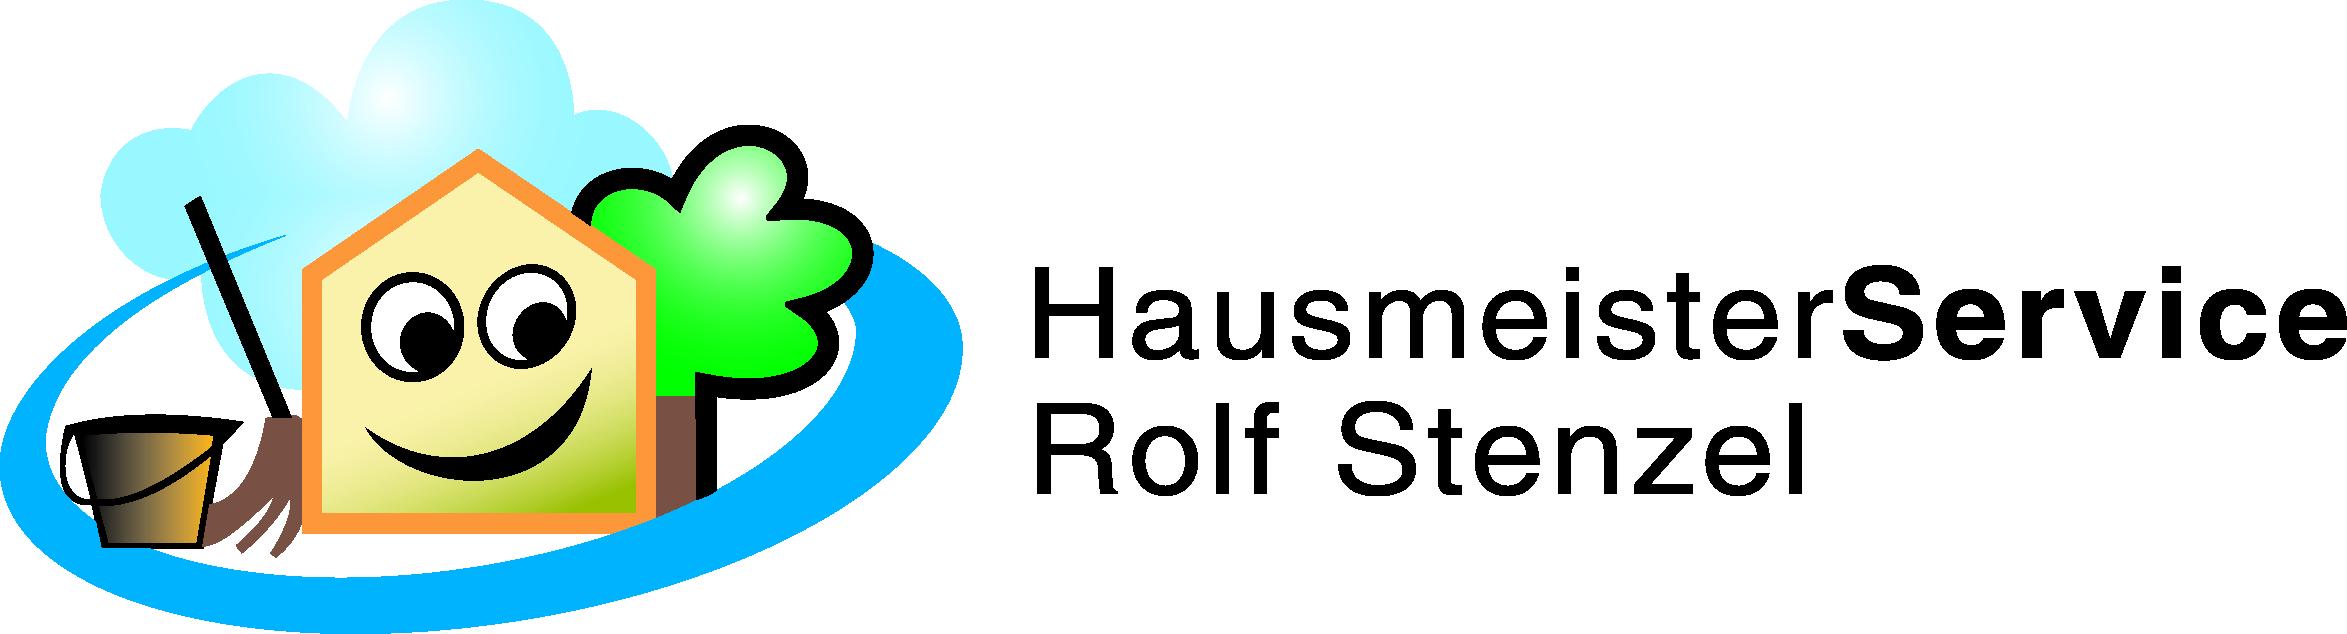 HausmeisterService Rolf Stenzel